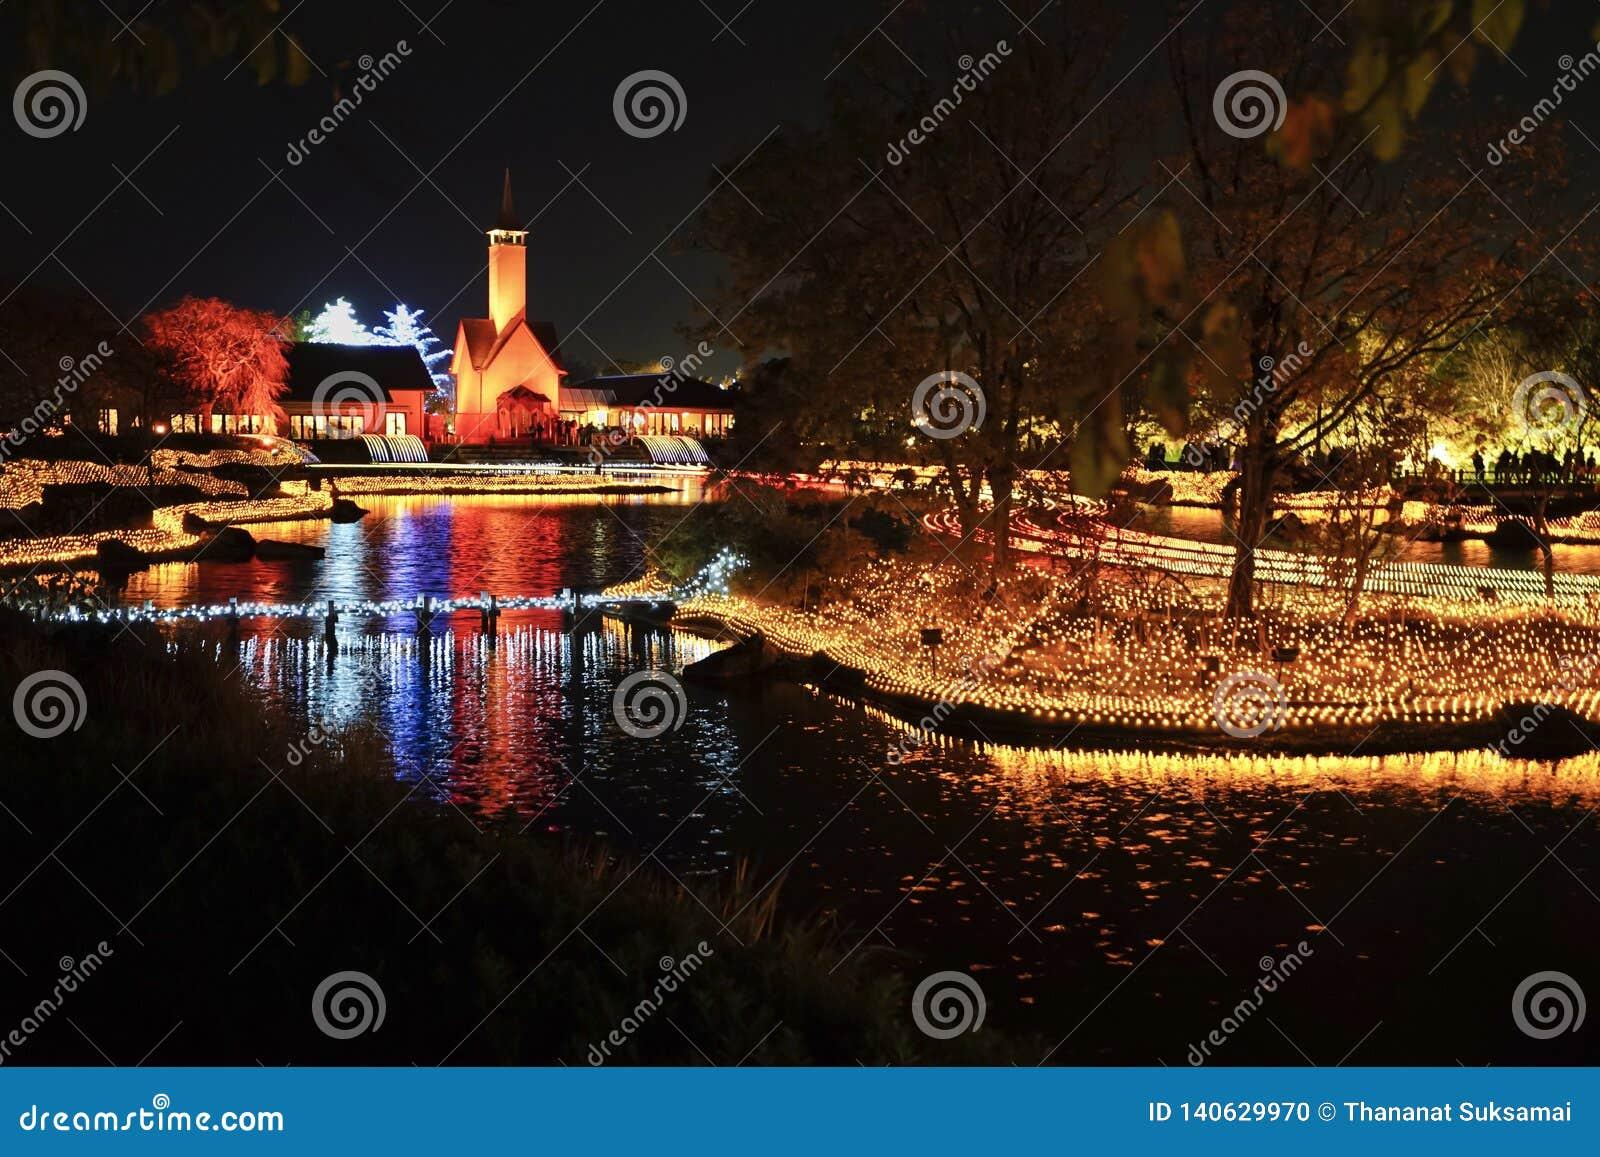 Mostra do evento da iluminação do inverno na noite em Nabana nenhum jardim de Sato